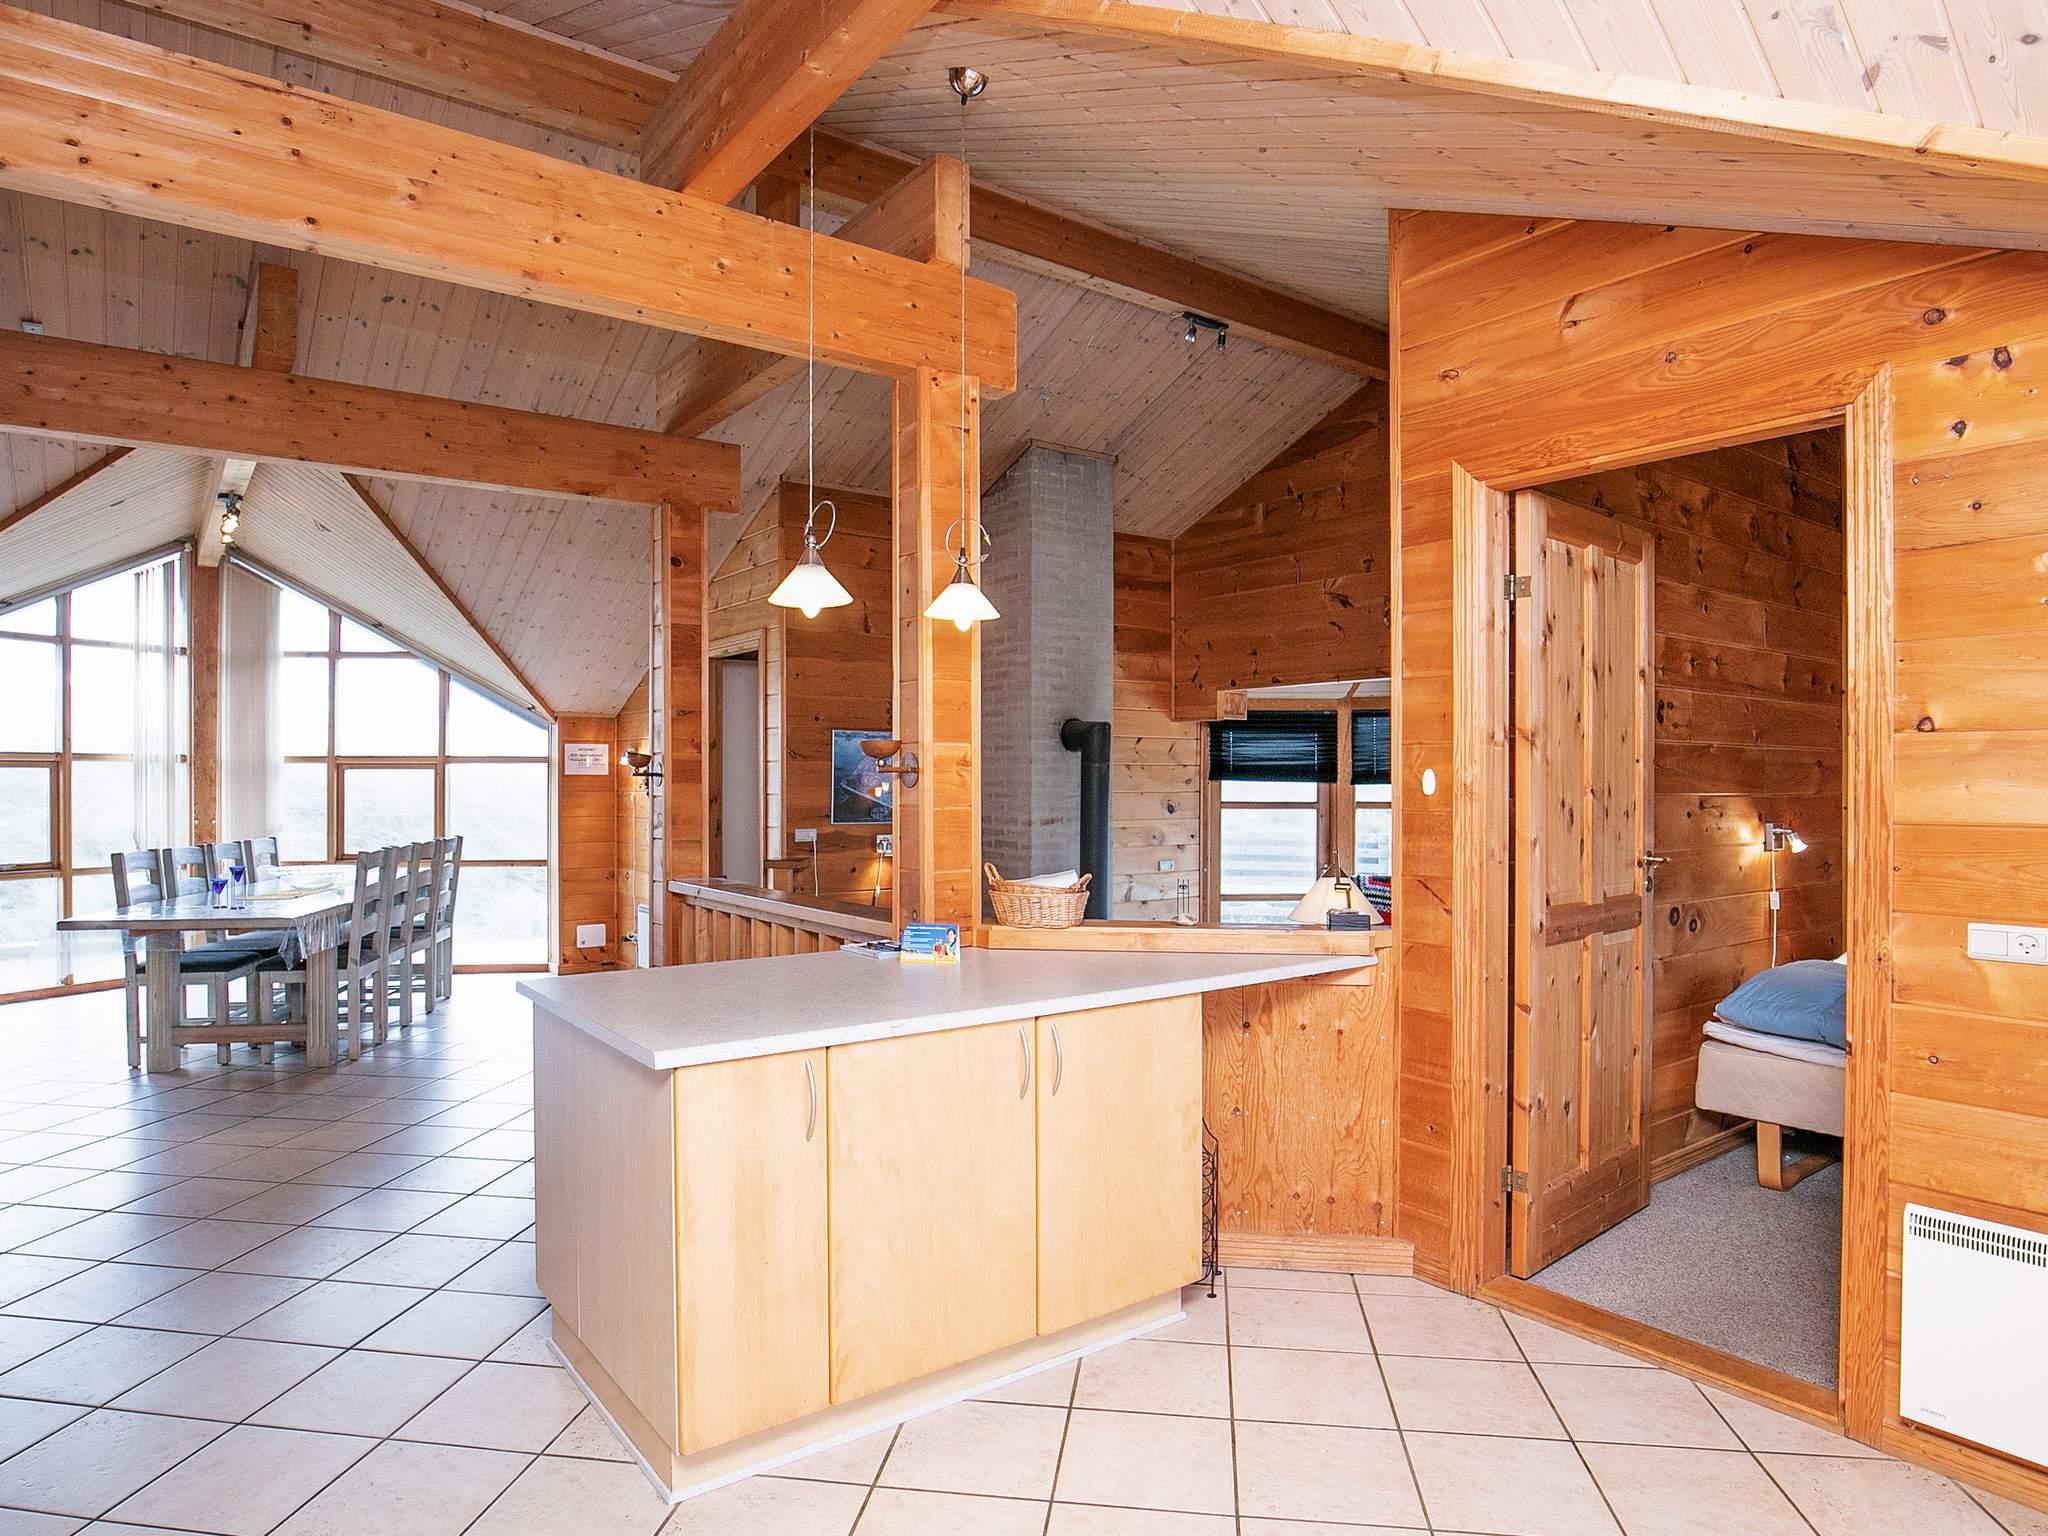 Ferienhaus Houvig (84897), Ringkøbing, Ringkøbing Fjord, Westjütland, Dänemark, Bild 6